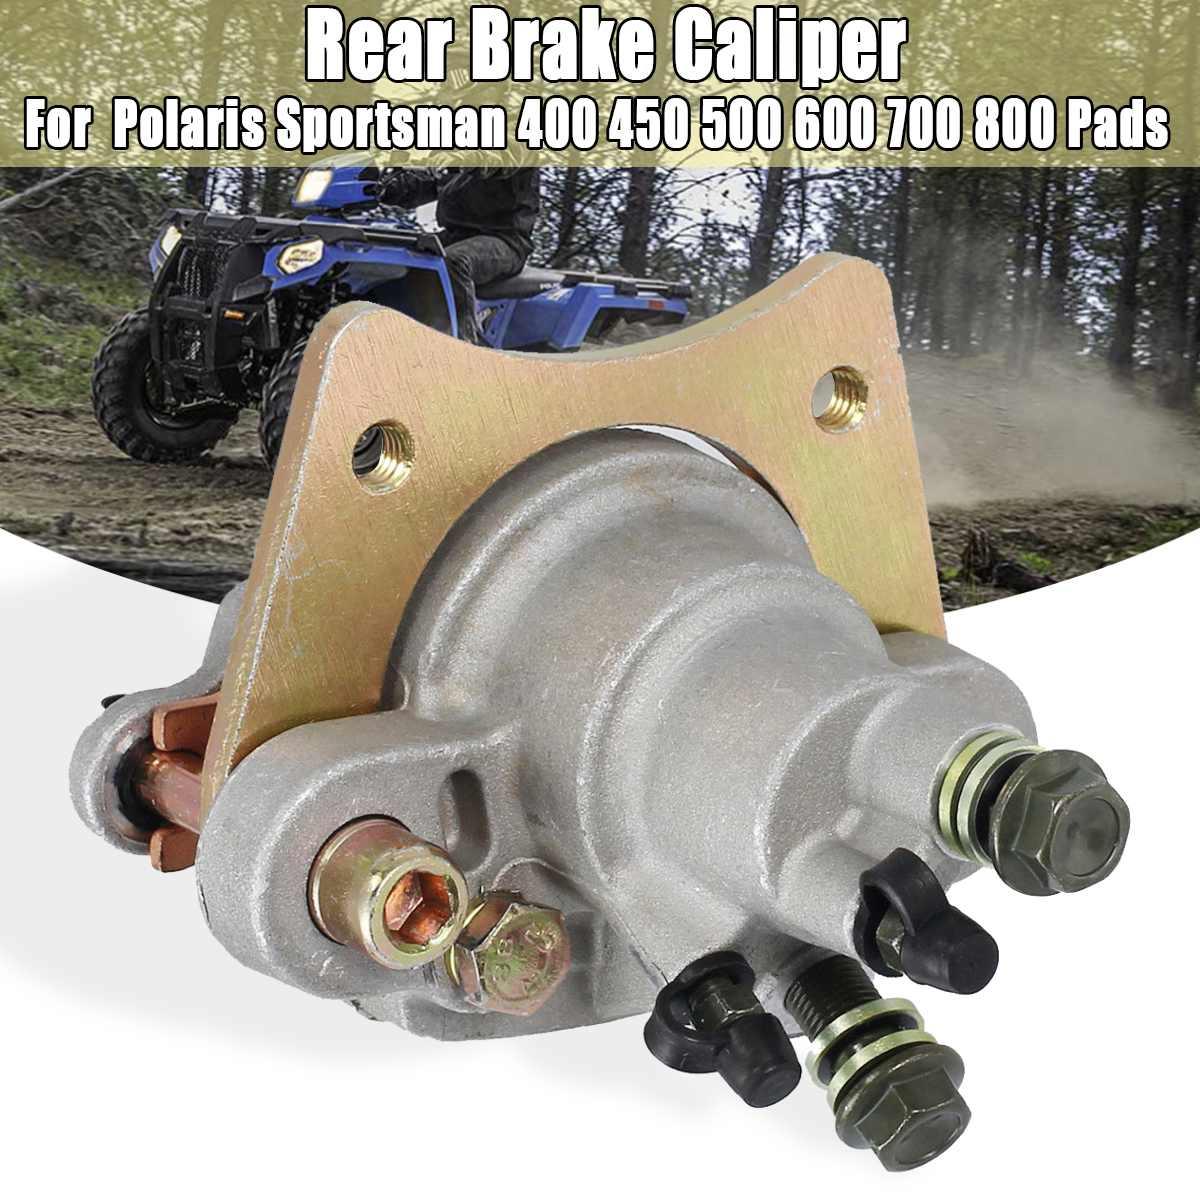 Étrier de frein arrière et plaquettes pour Polaris Sportsman 400 450 500 600 700 800 argent métal Auto pièces de rechange système de frein